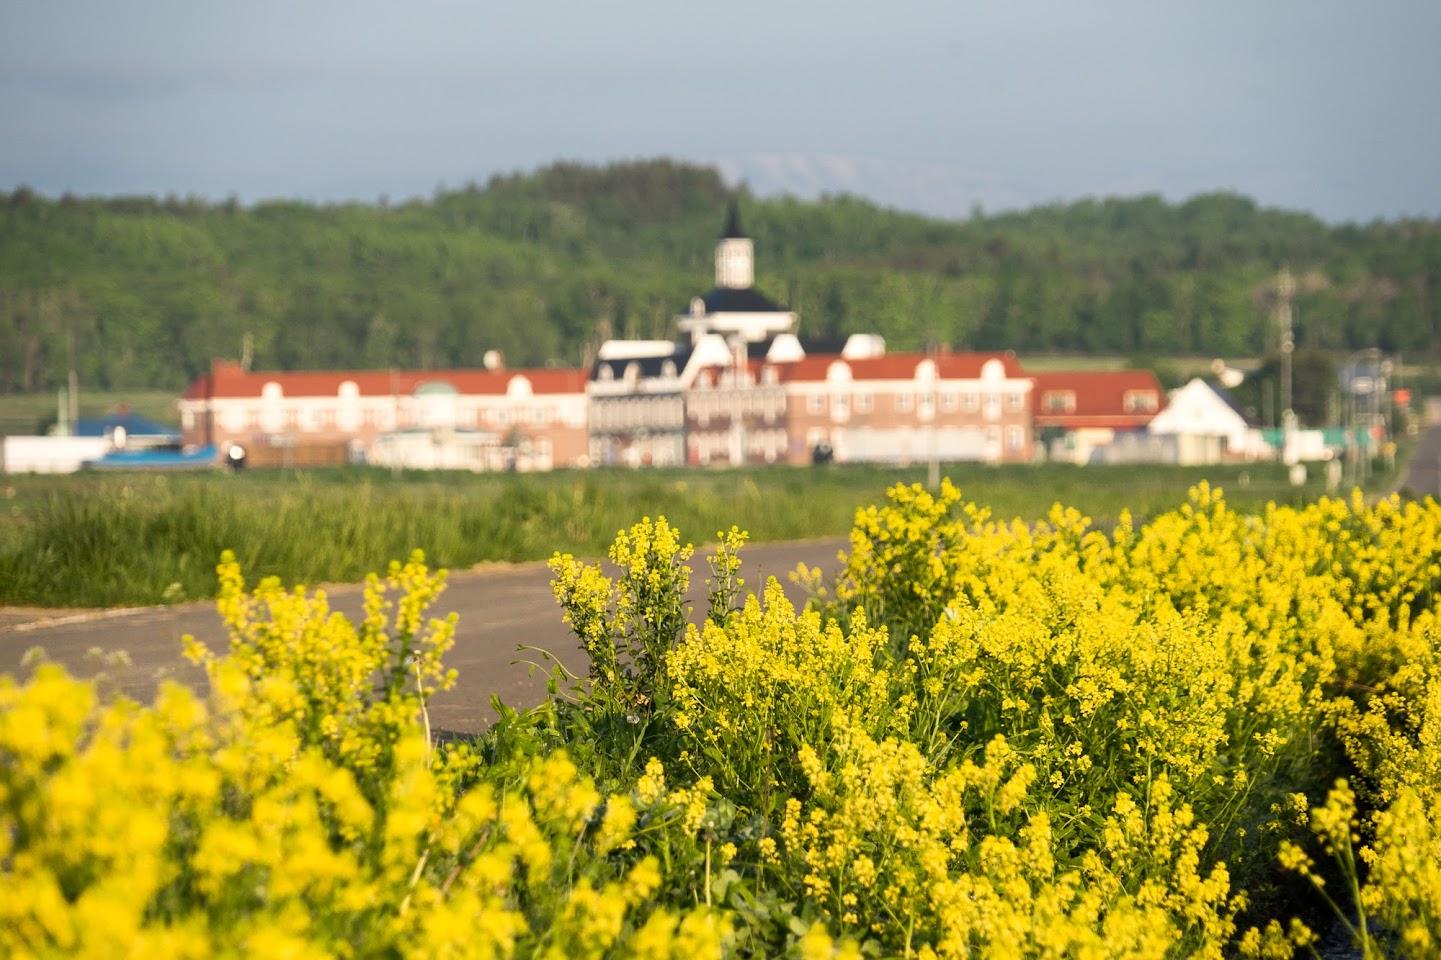 道端に咲く幸せの黄色い花